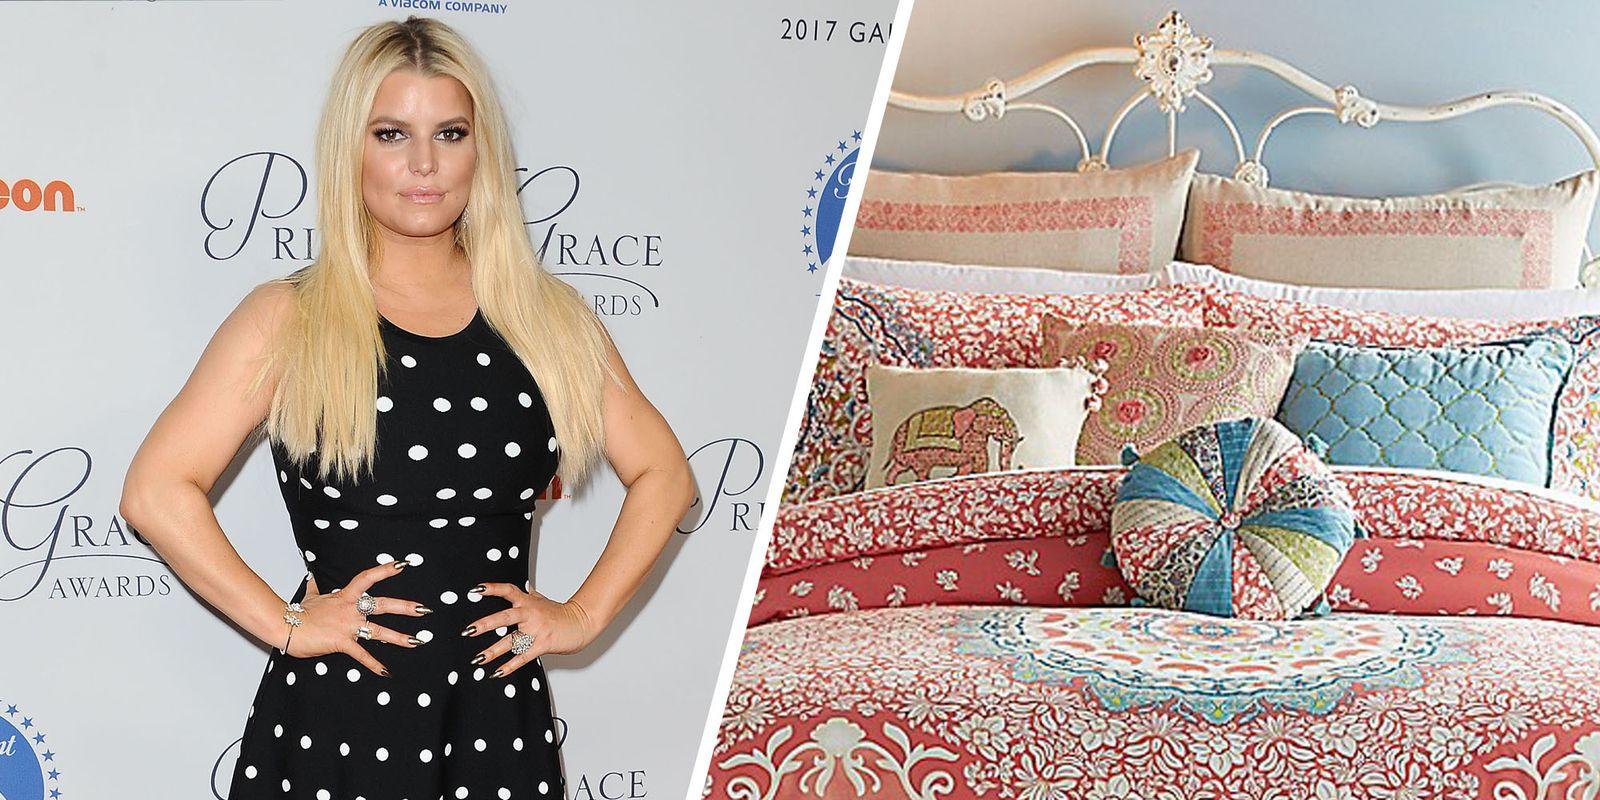 Jessica Simpson nem csak énekesnő, de divattervező is. 2014-ben kezdett párnákat és ágyneműt tervezni, később pedig törölközőket és fürdőszobai kiegészítőket is csinált.